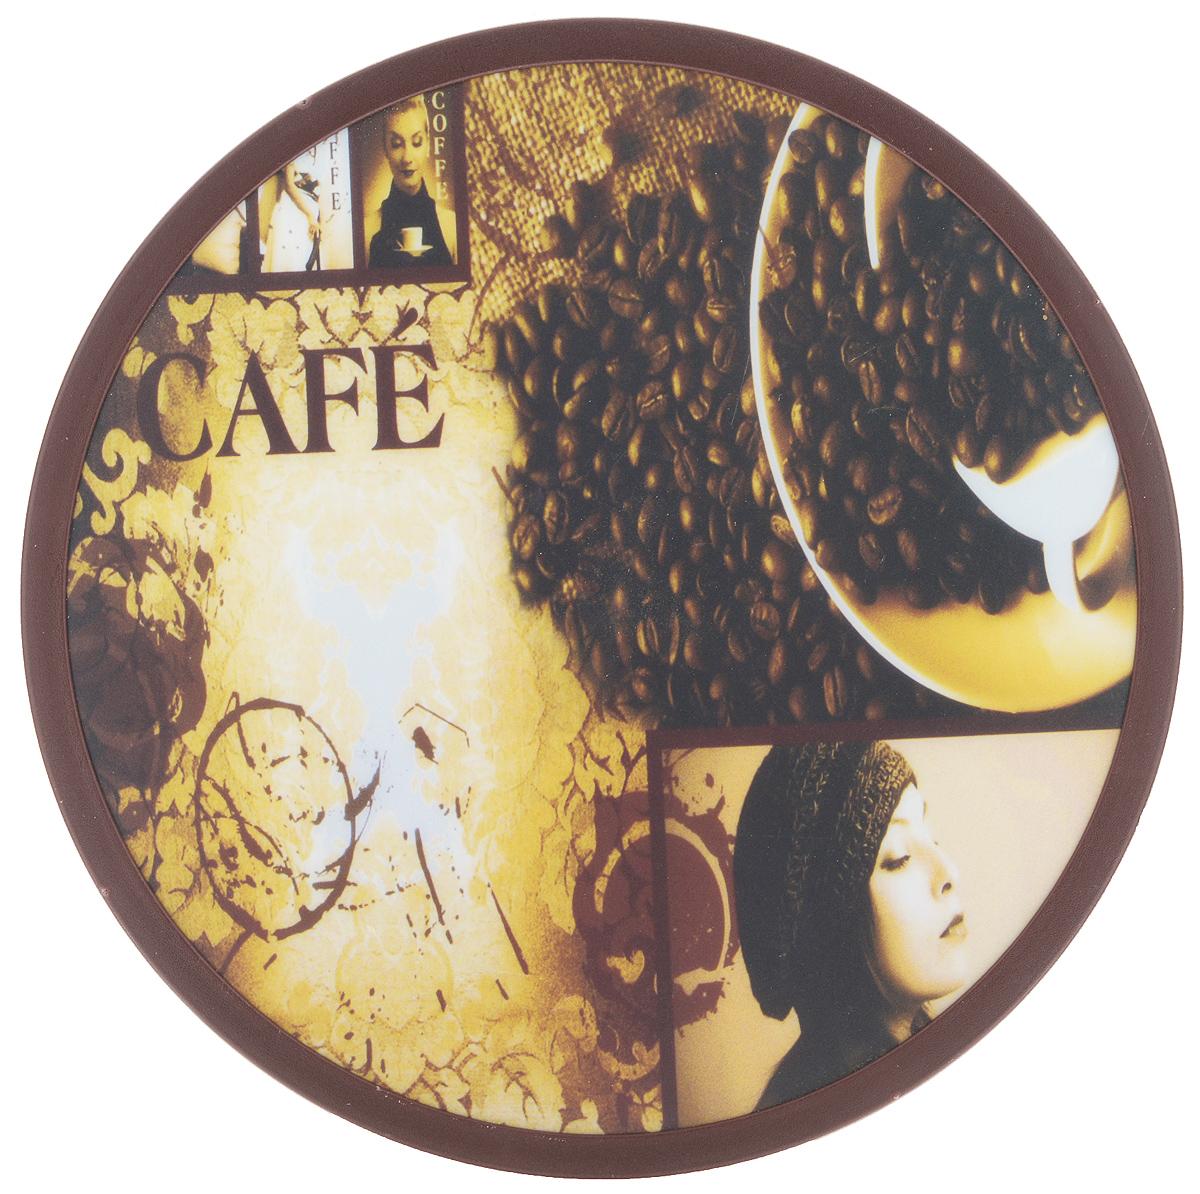 Доска разделочная Mayer & Boch, вращающаяся, диаметр 30 см. 2559925599Вращающаяся разделочная доска Mayer & Boch, выполненная из высококачественного пластика и дерева, станет незаменимым аксессуаром на вашей кухне. Доска декорирована красочными рисунками и надписями. Антибактериальное покрытие защищает от плесени, грибков и неприятных запахов. Изделие предназначено для измельчения продуктов. Доска вращается на 360°, что делает ее еще и отличным аксессуаром для сервировки пищи. Такая доска прекрасно впишется в интерьер любой кухни и прослужит вам долгие годы. Диаметр доски: 30 см. Диаметр основания: 18 см. Высота: 4 см.